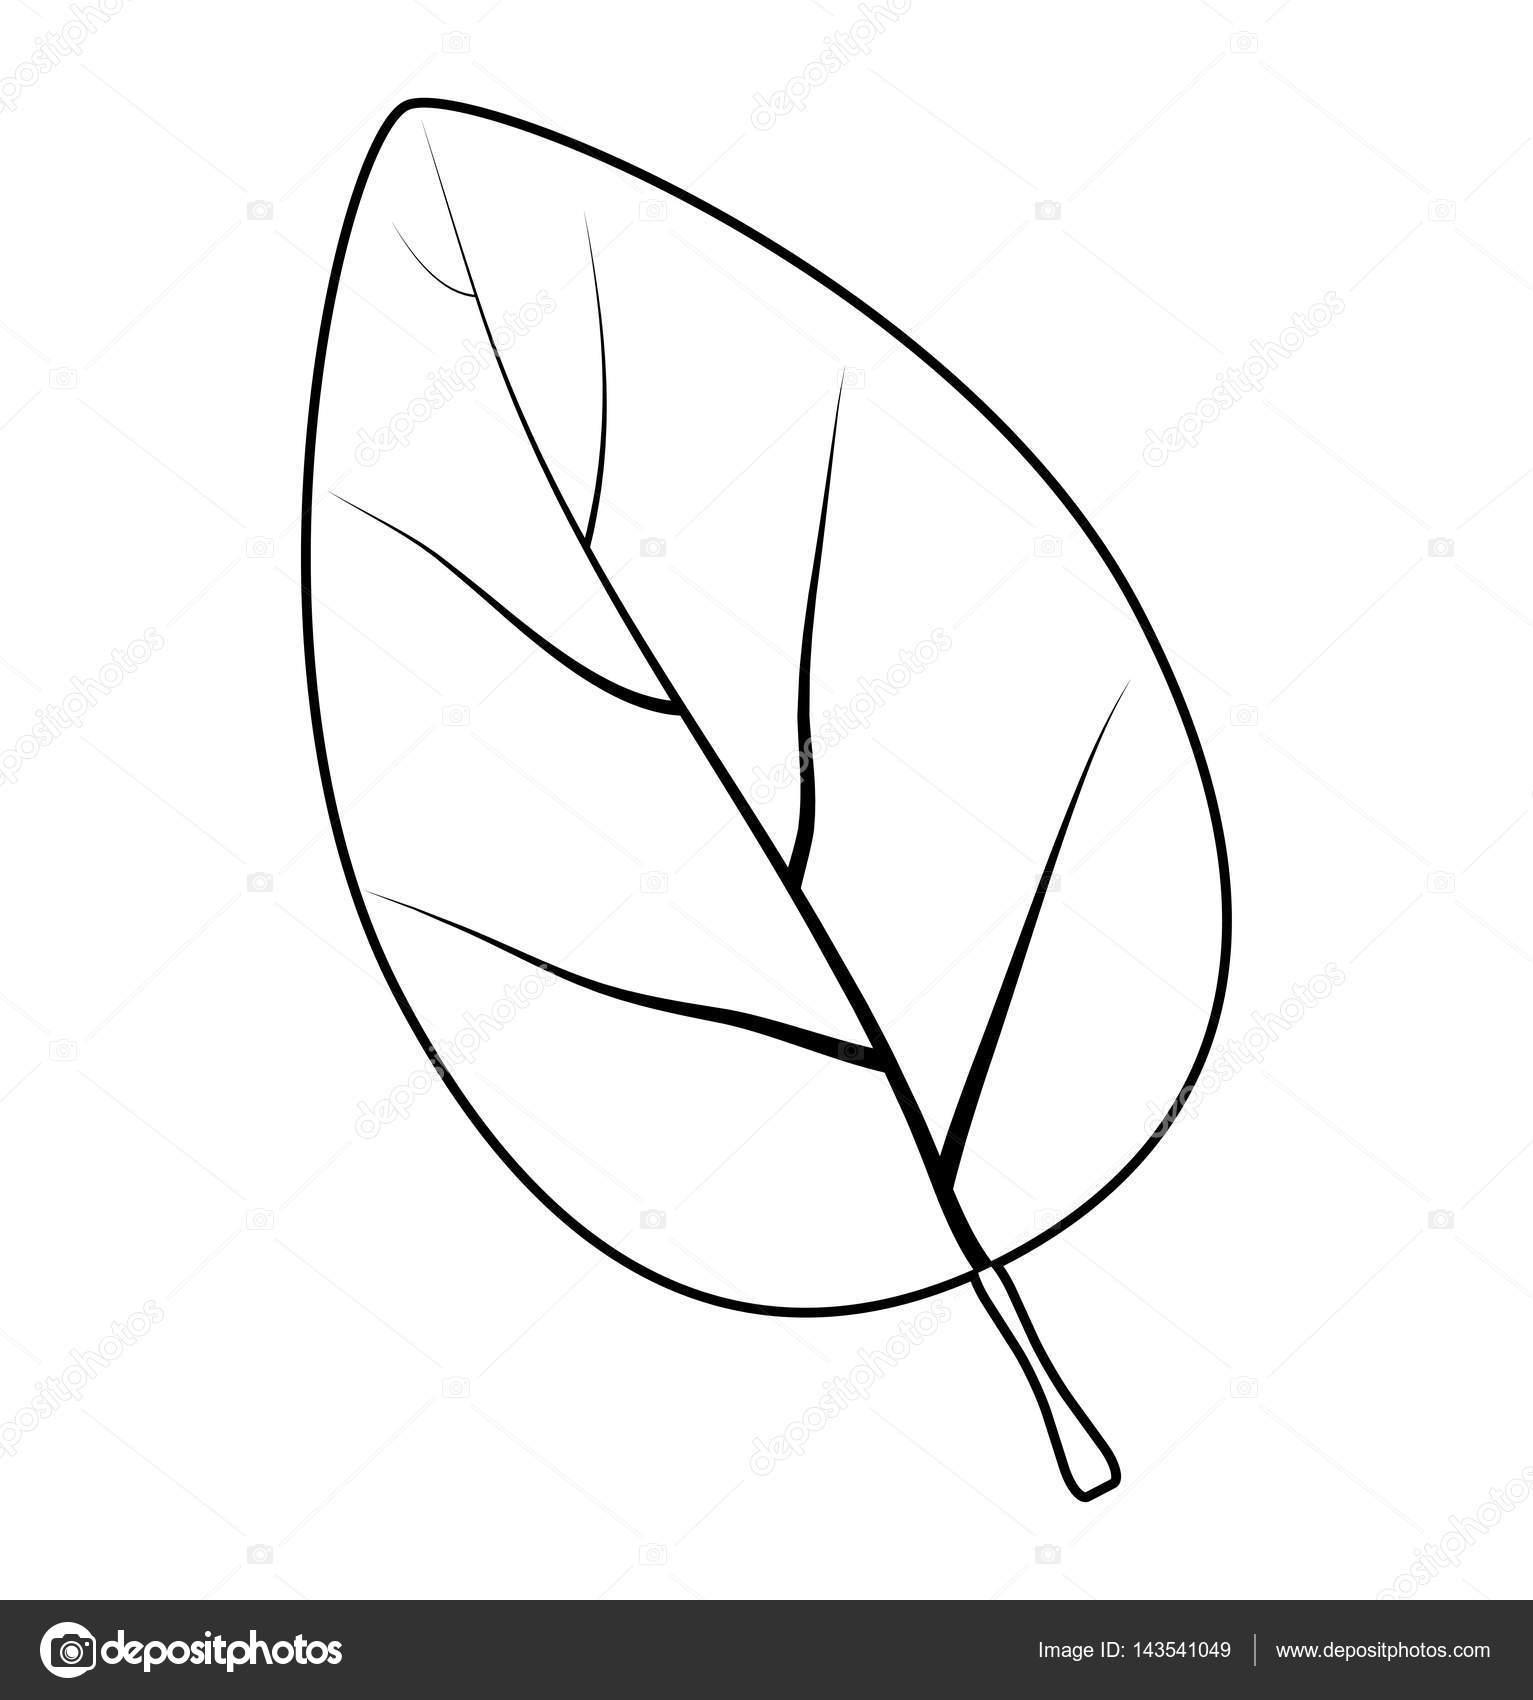 diseño de icono de símbolo de la hoja silueta vector — Archivo ...